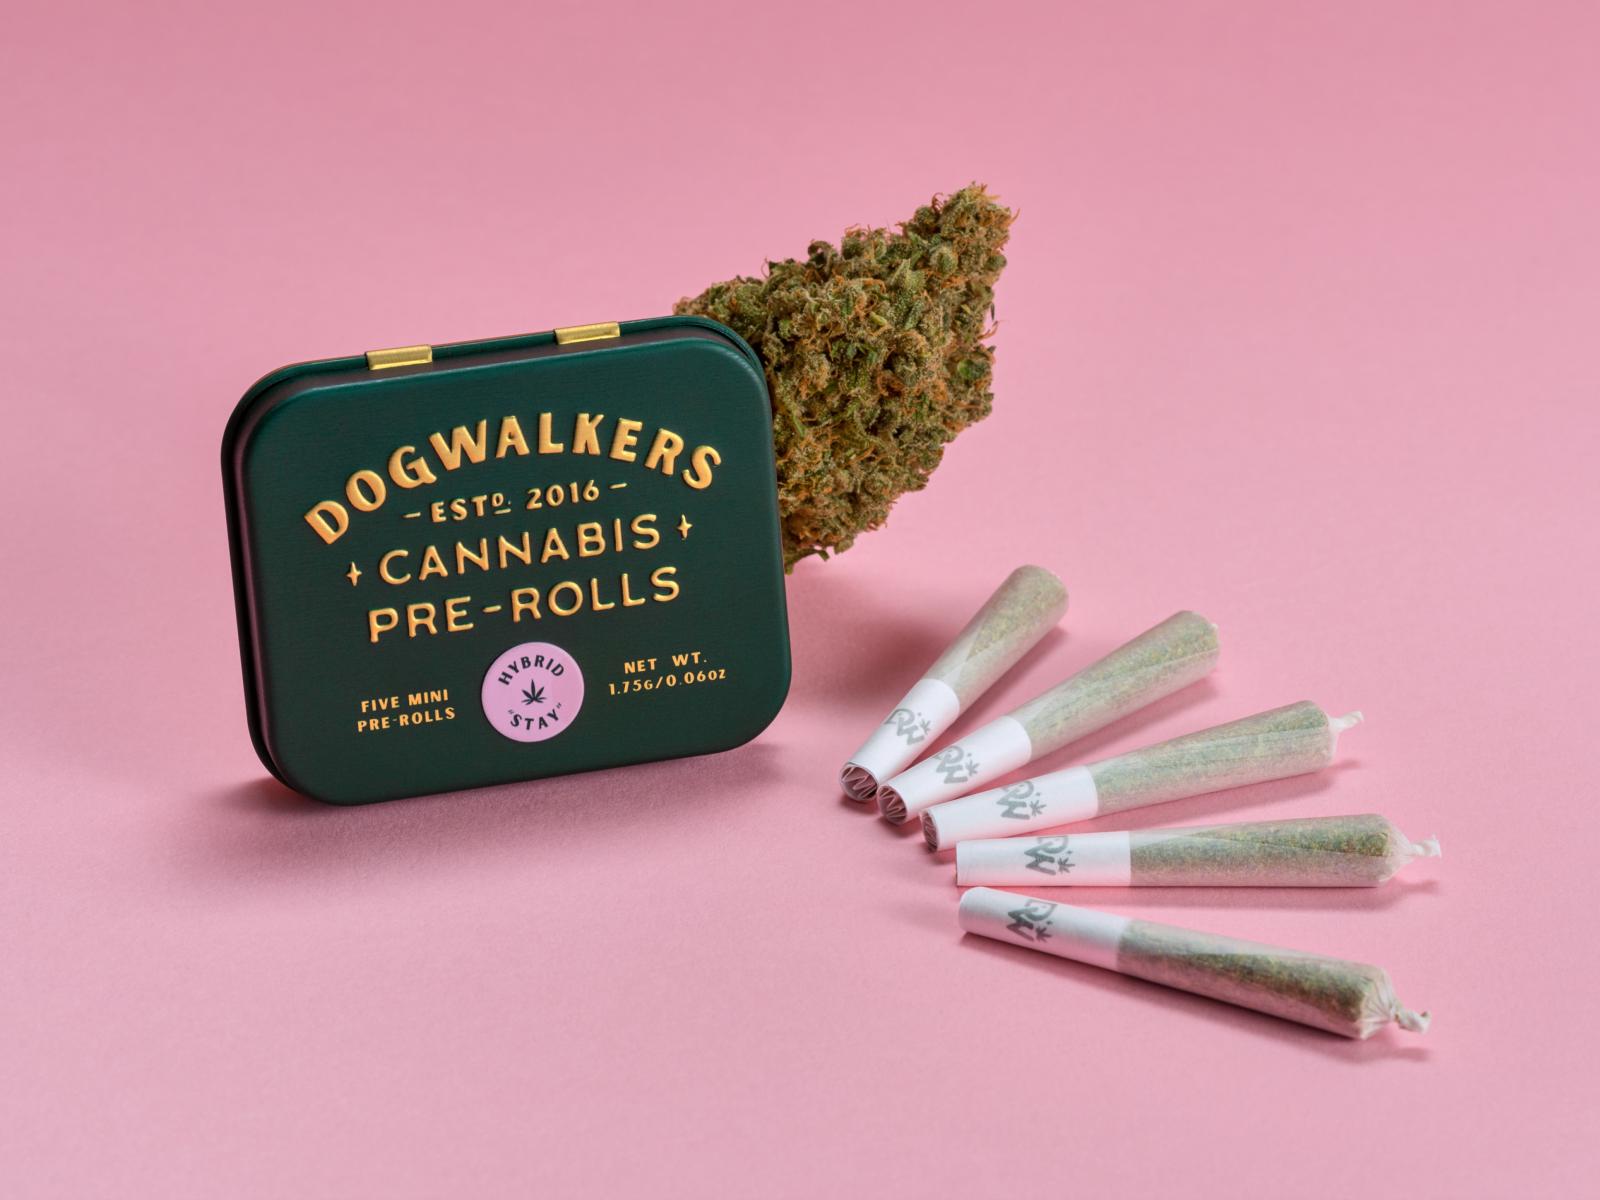 Dogwalkers mini pre rolls 3